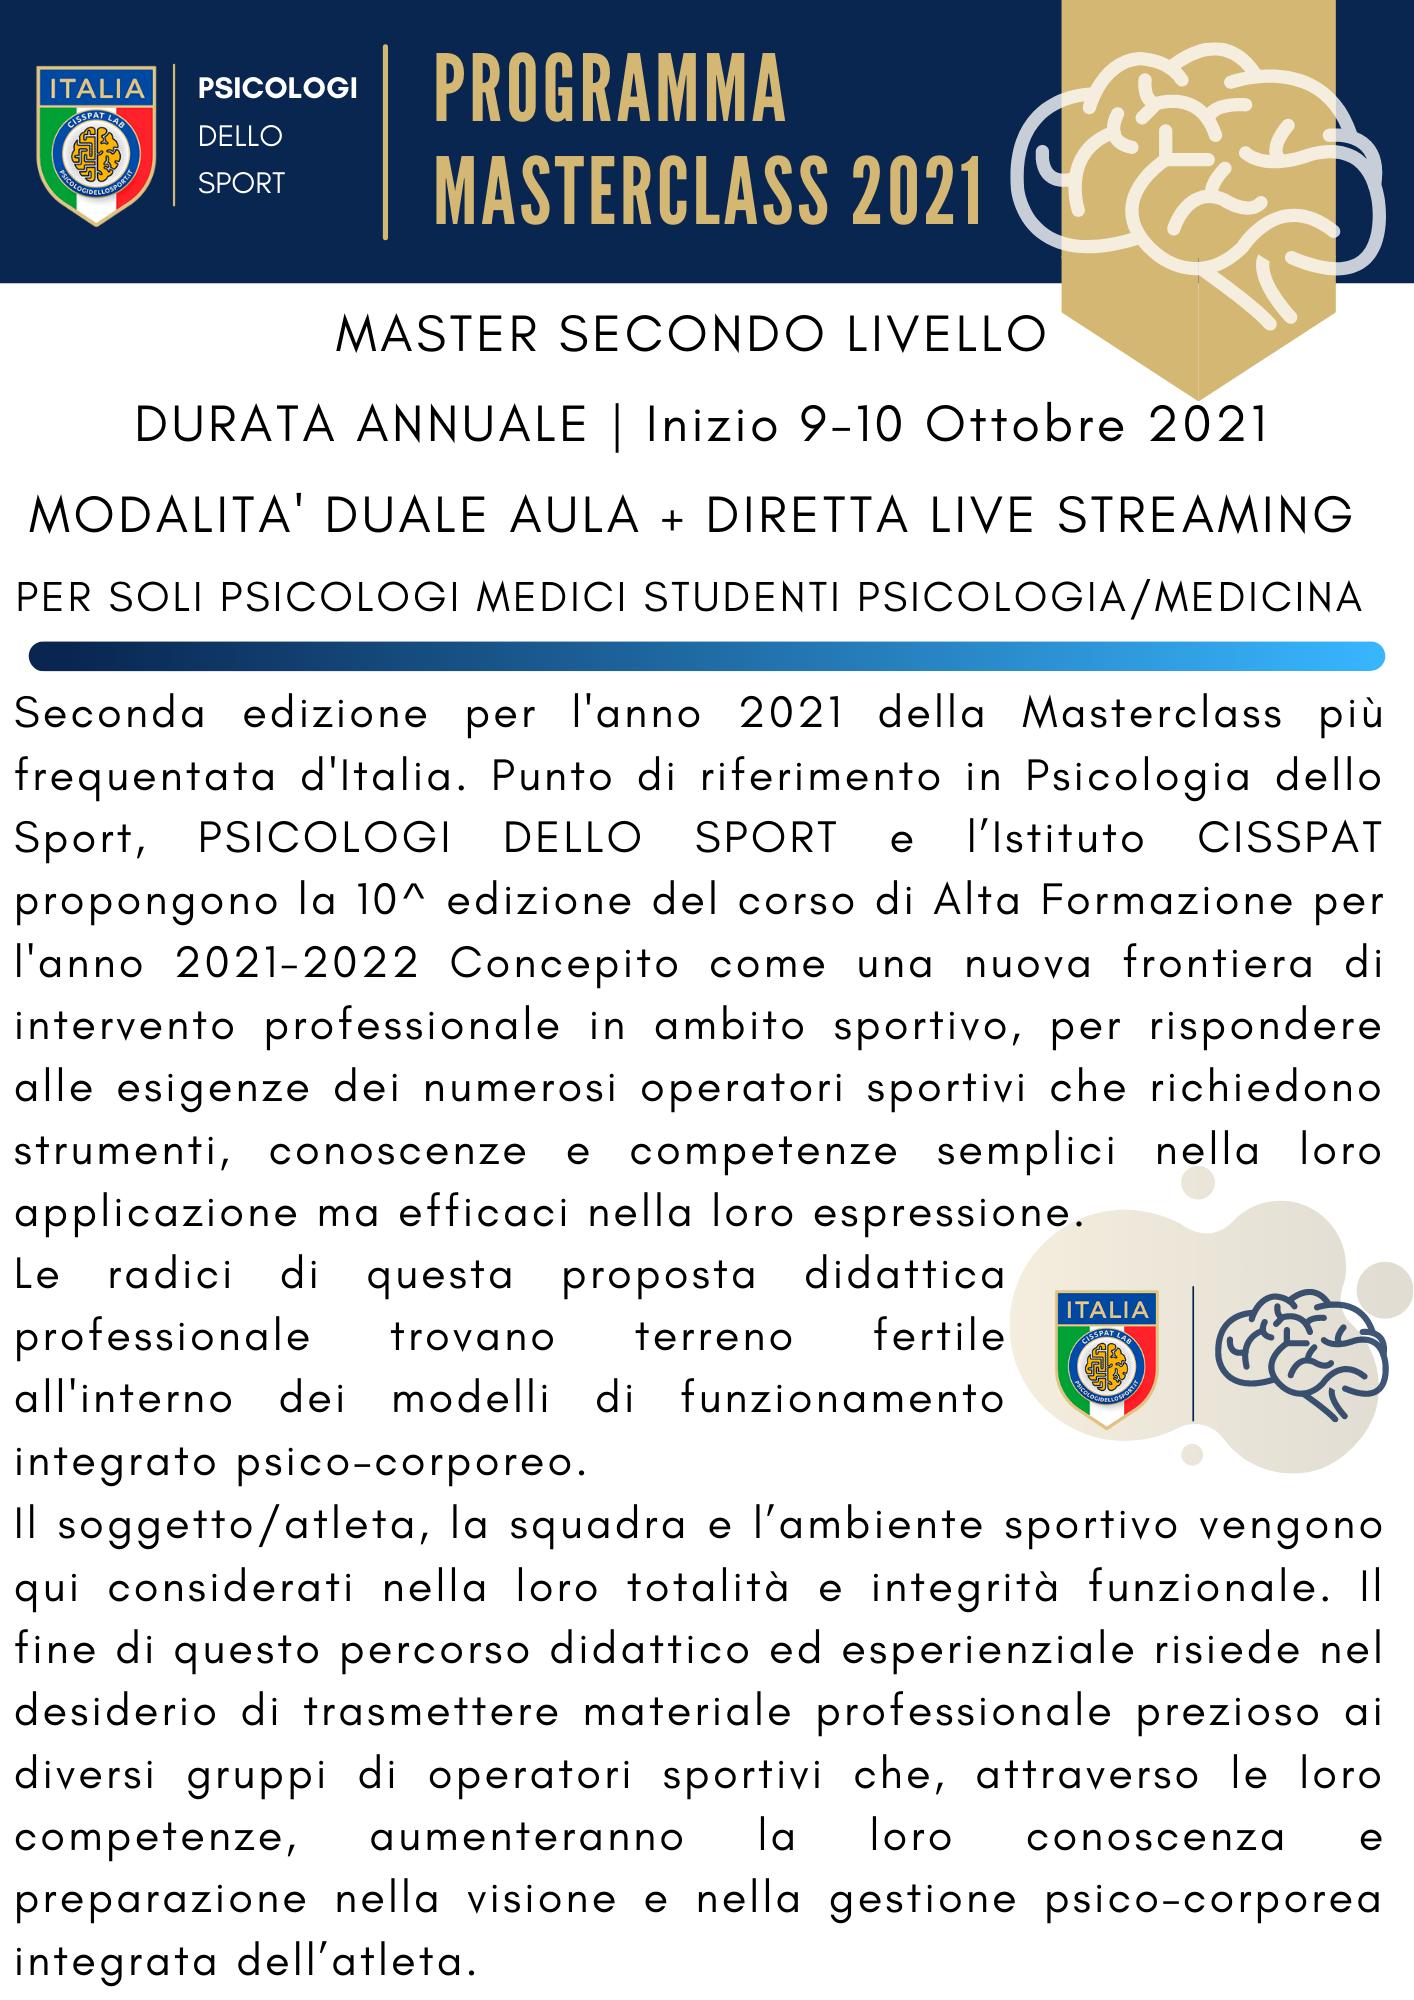 Masterclass 2021 psicologi dello sport e dell esercizio fisico sport psico psicologia dello (2)